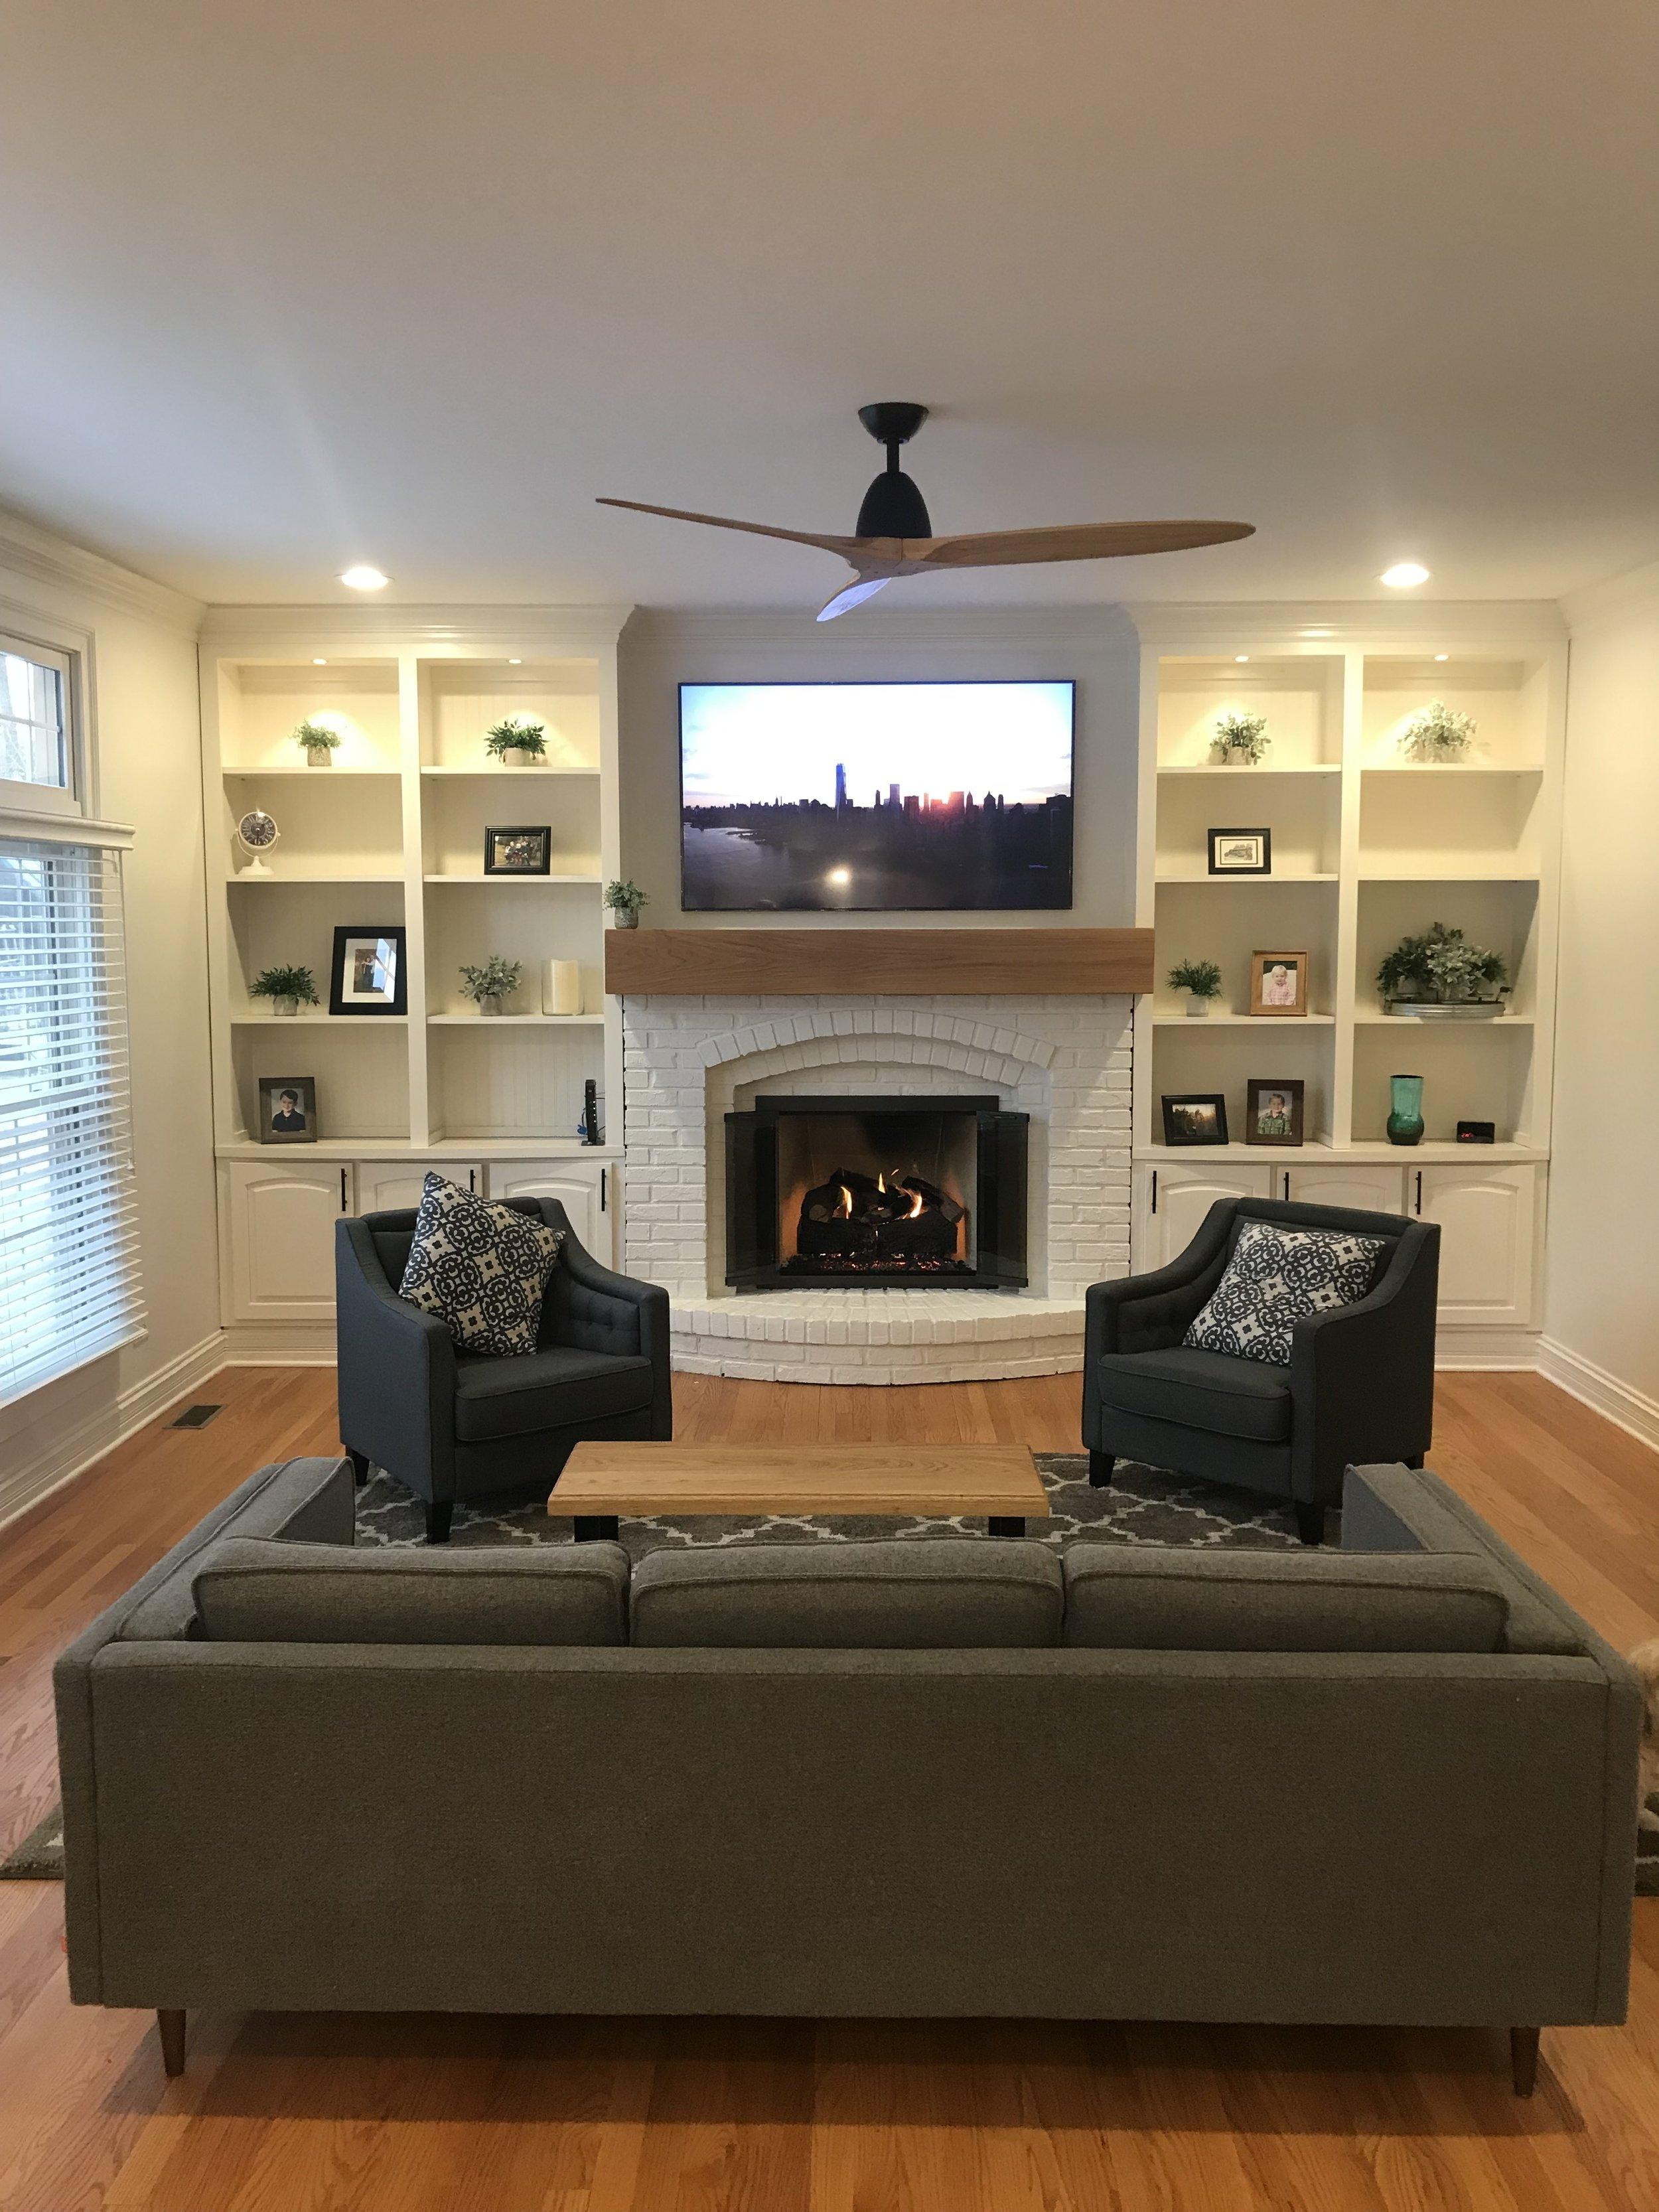 After living room design